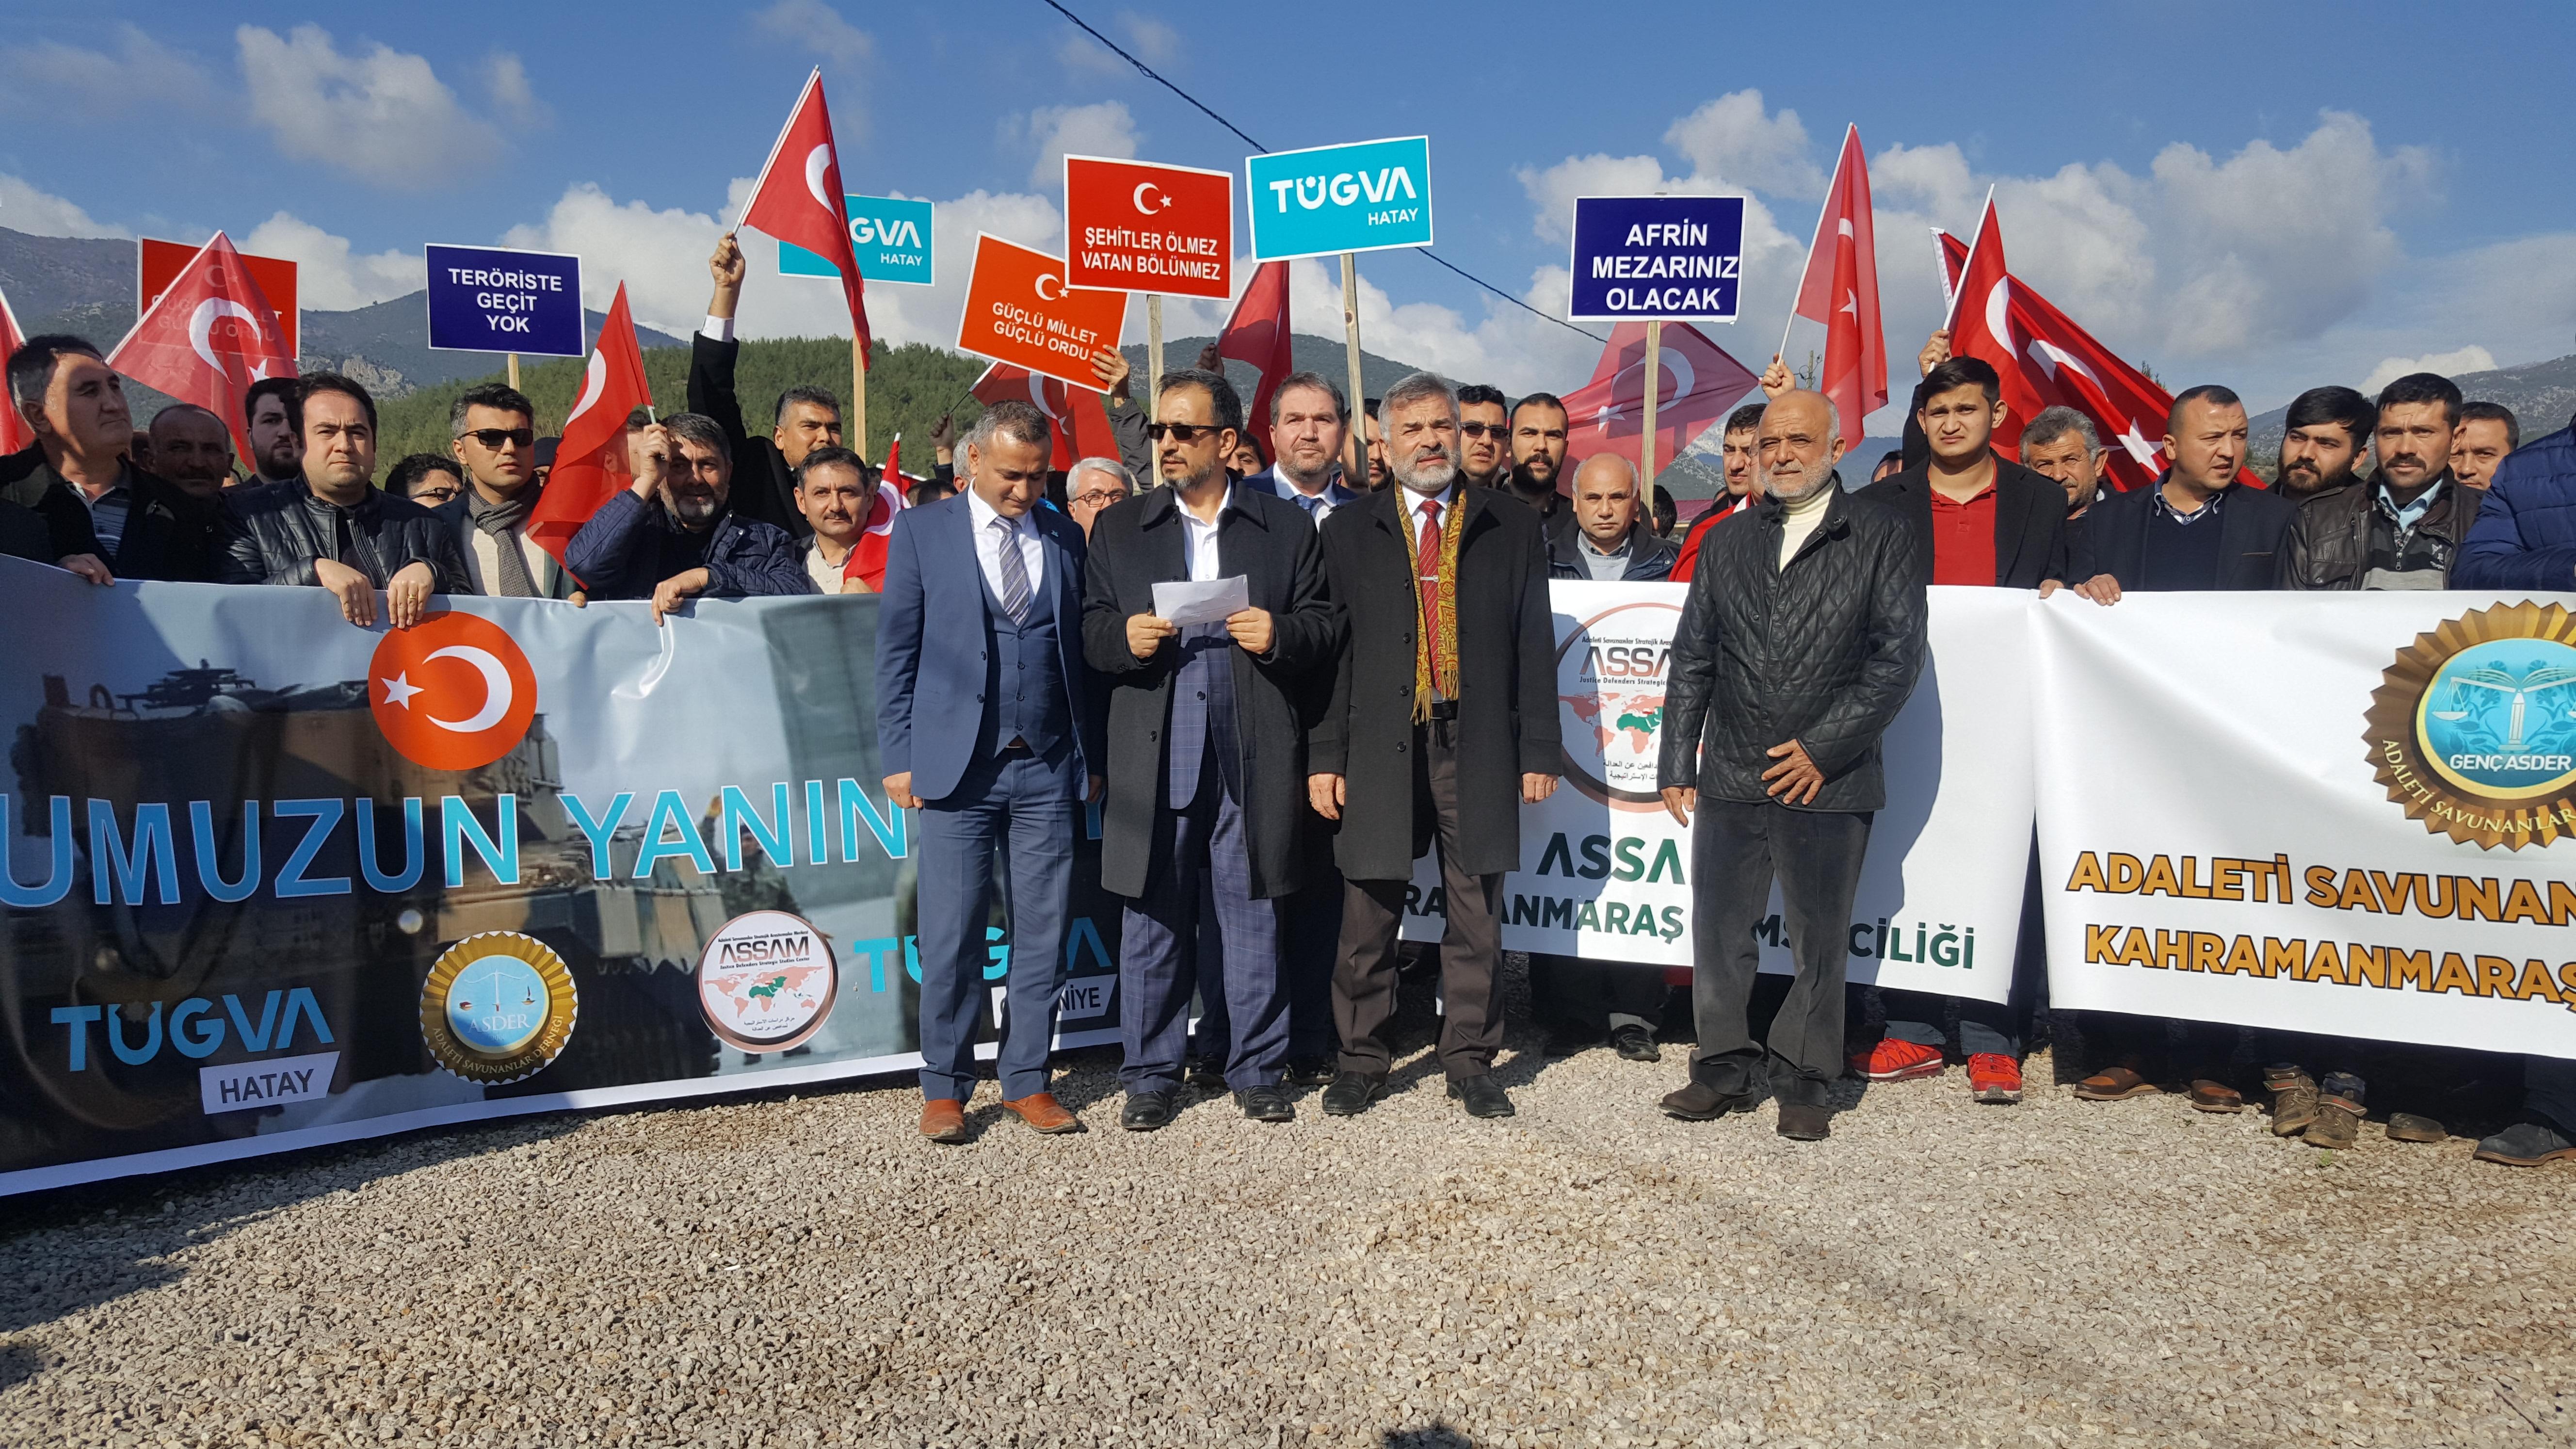 IASDER/ASSAM/TÜGVA Basın Bildirisi